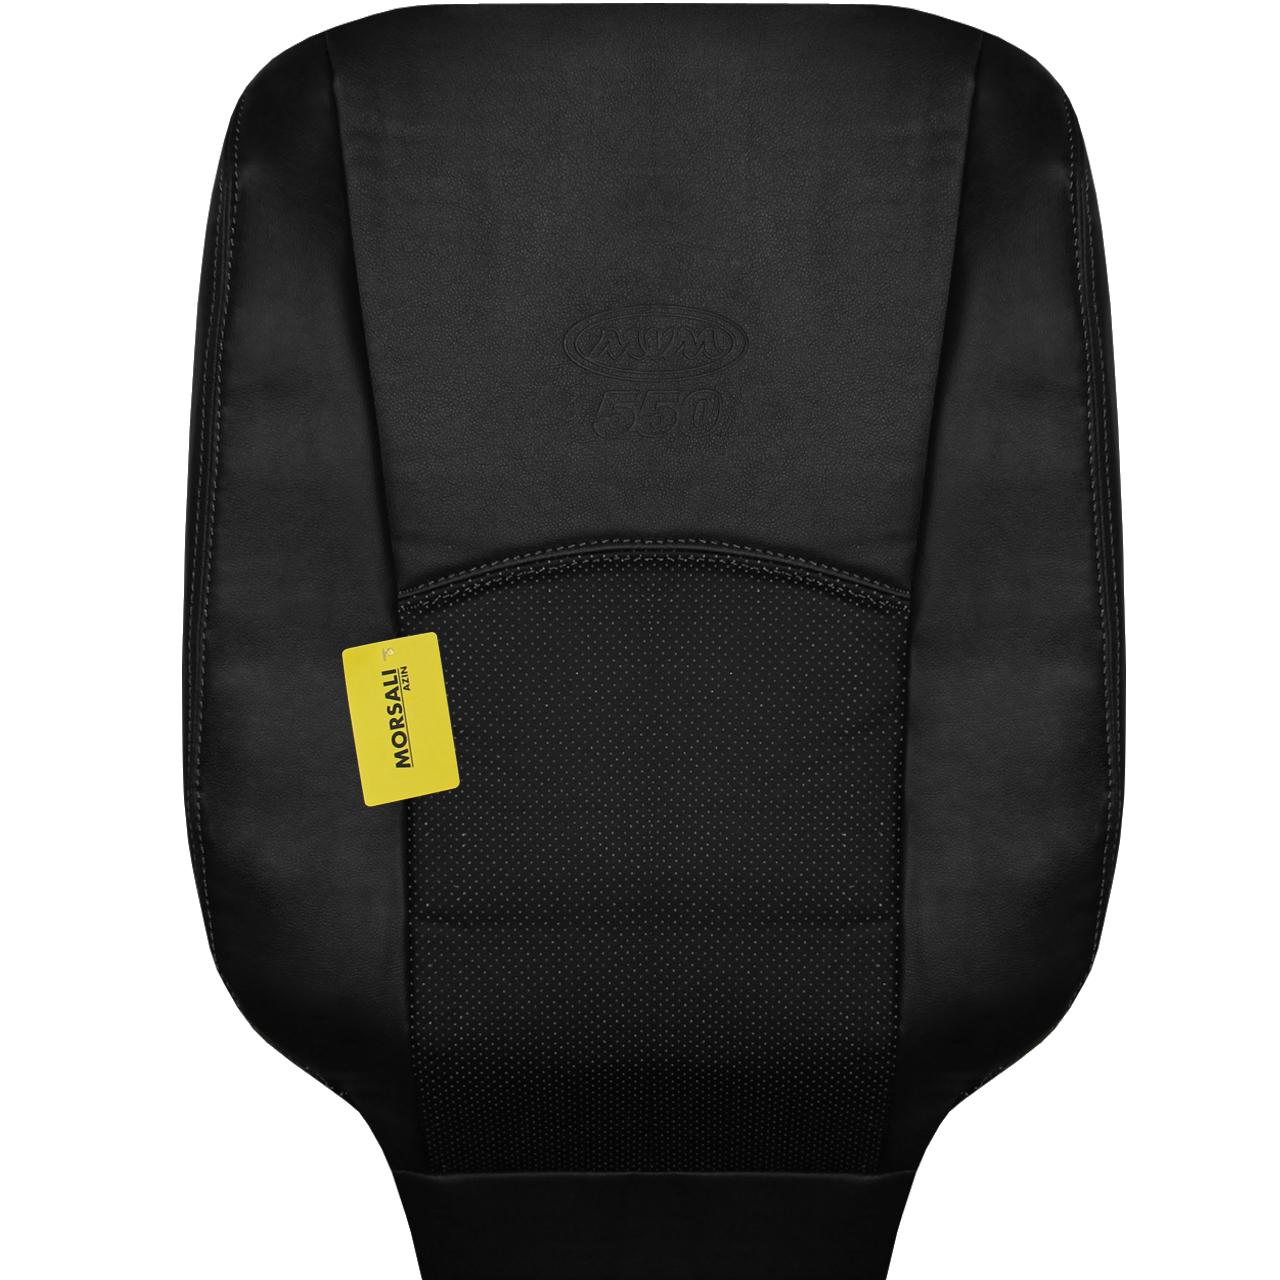 روکش صندلی خودرو آذین مرسلی کد AZ132 مناسب برای ام وی ام 550